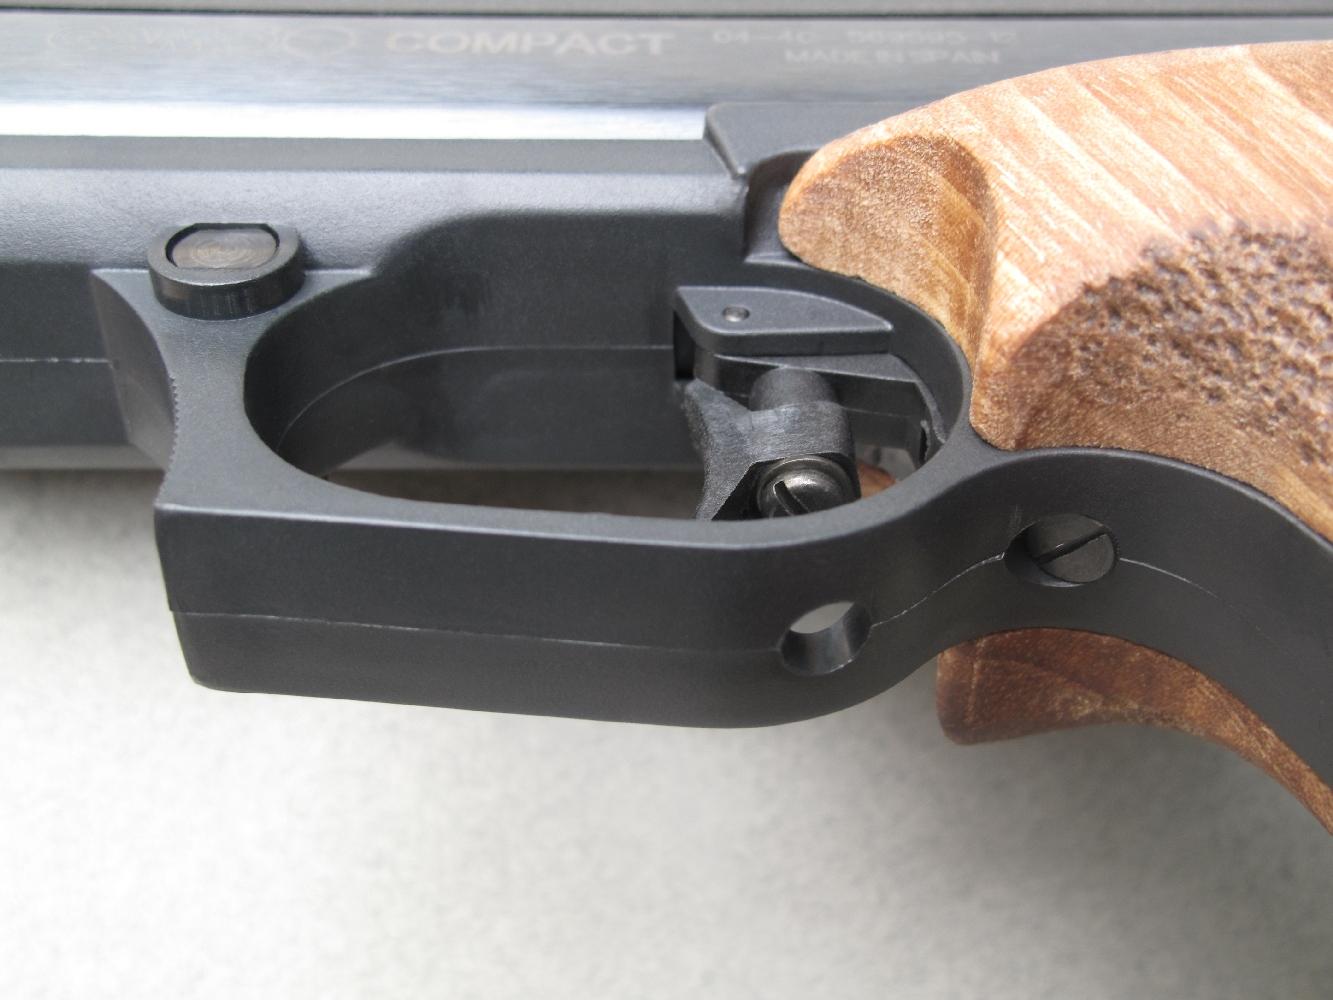 Deux vis de réglage sont accessibles sous le pontet, l'une permet de faire pivoter la queue de détente pour modifier son orientation et l'autre sert à régler sa course.